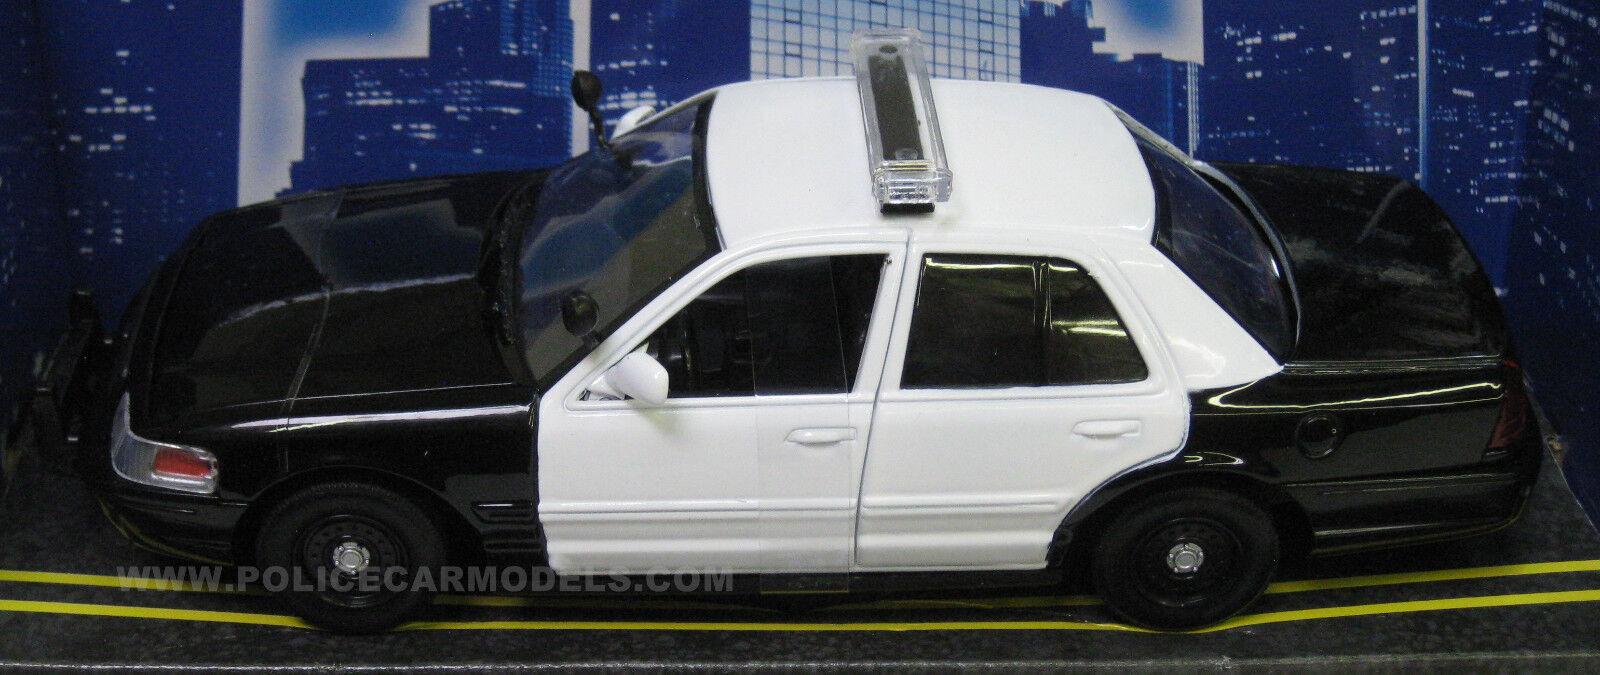 todos los bienes son especiales Motormax 1 24 Ford Ford Ford Crown Victoria Patrulla en blancoo Negro y blancoo Caso De 12 76420  protección post-venta